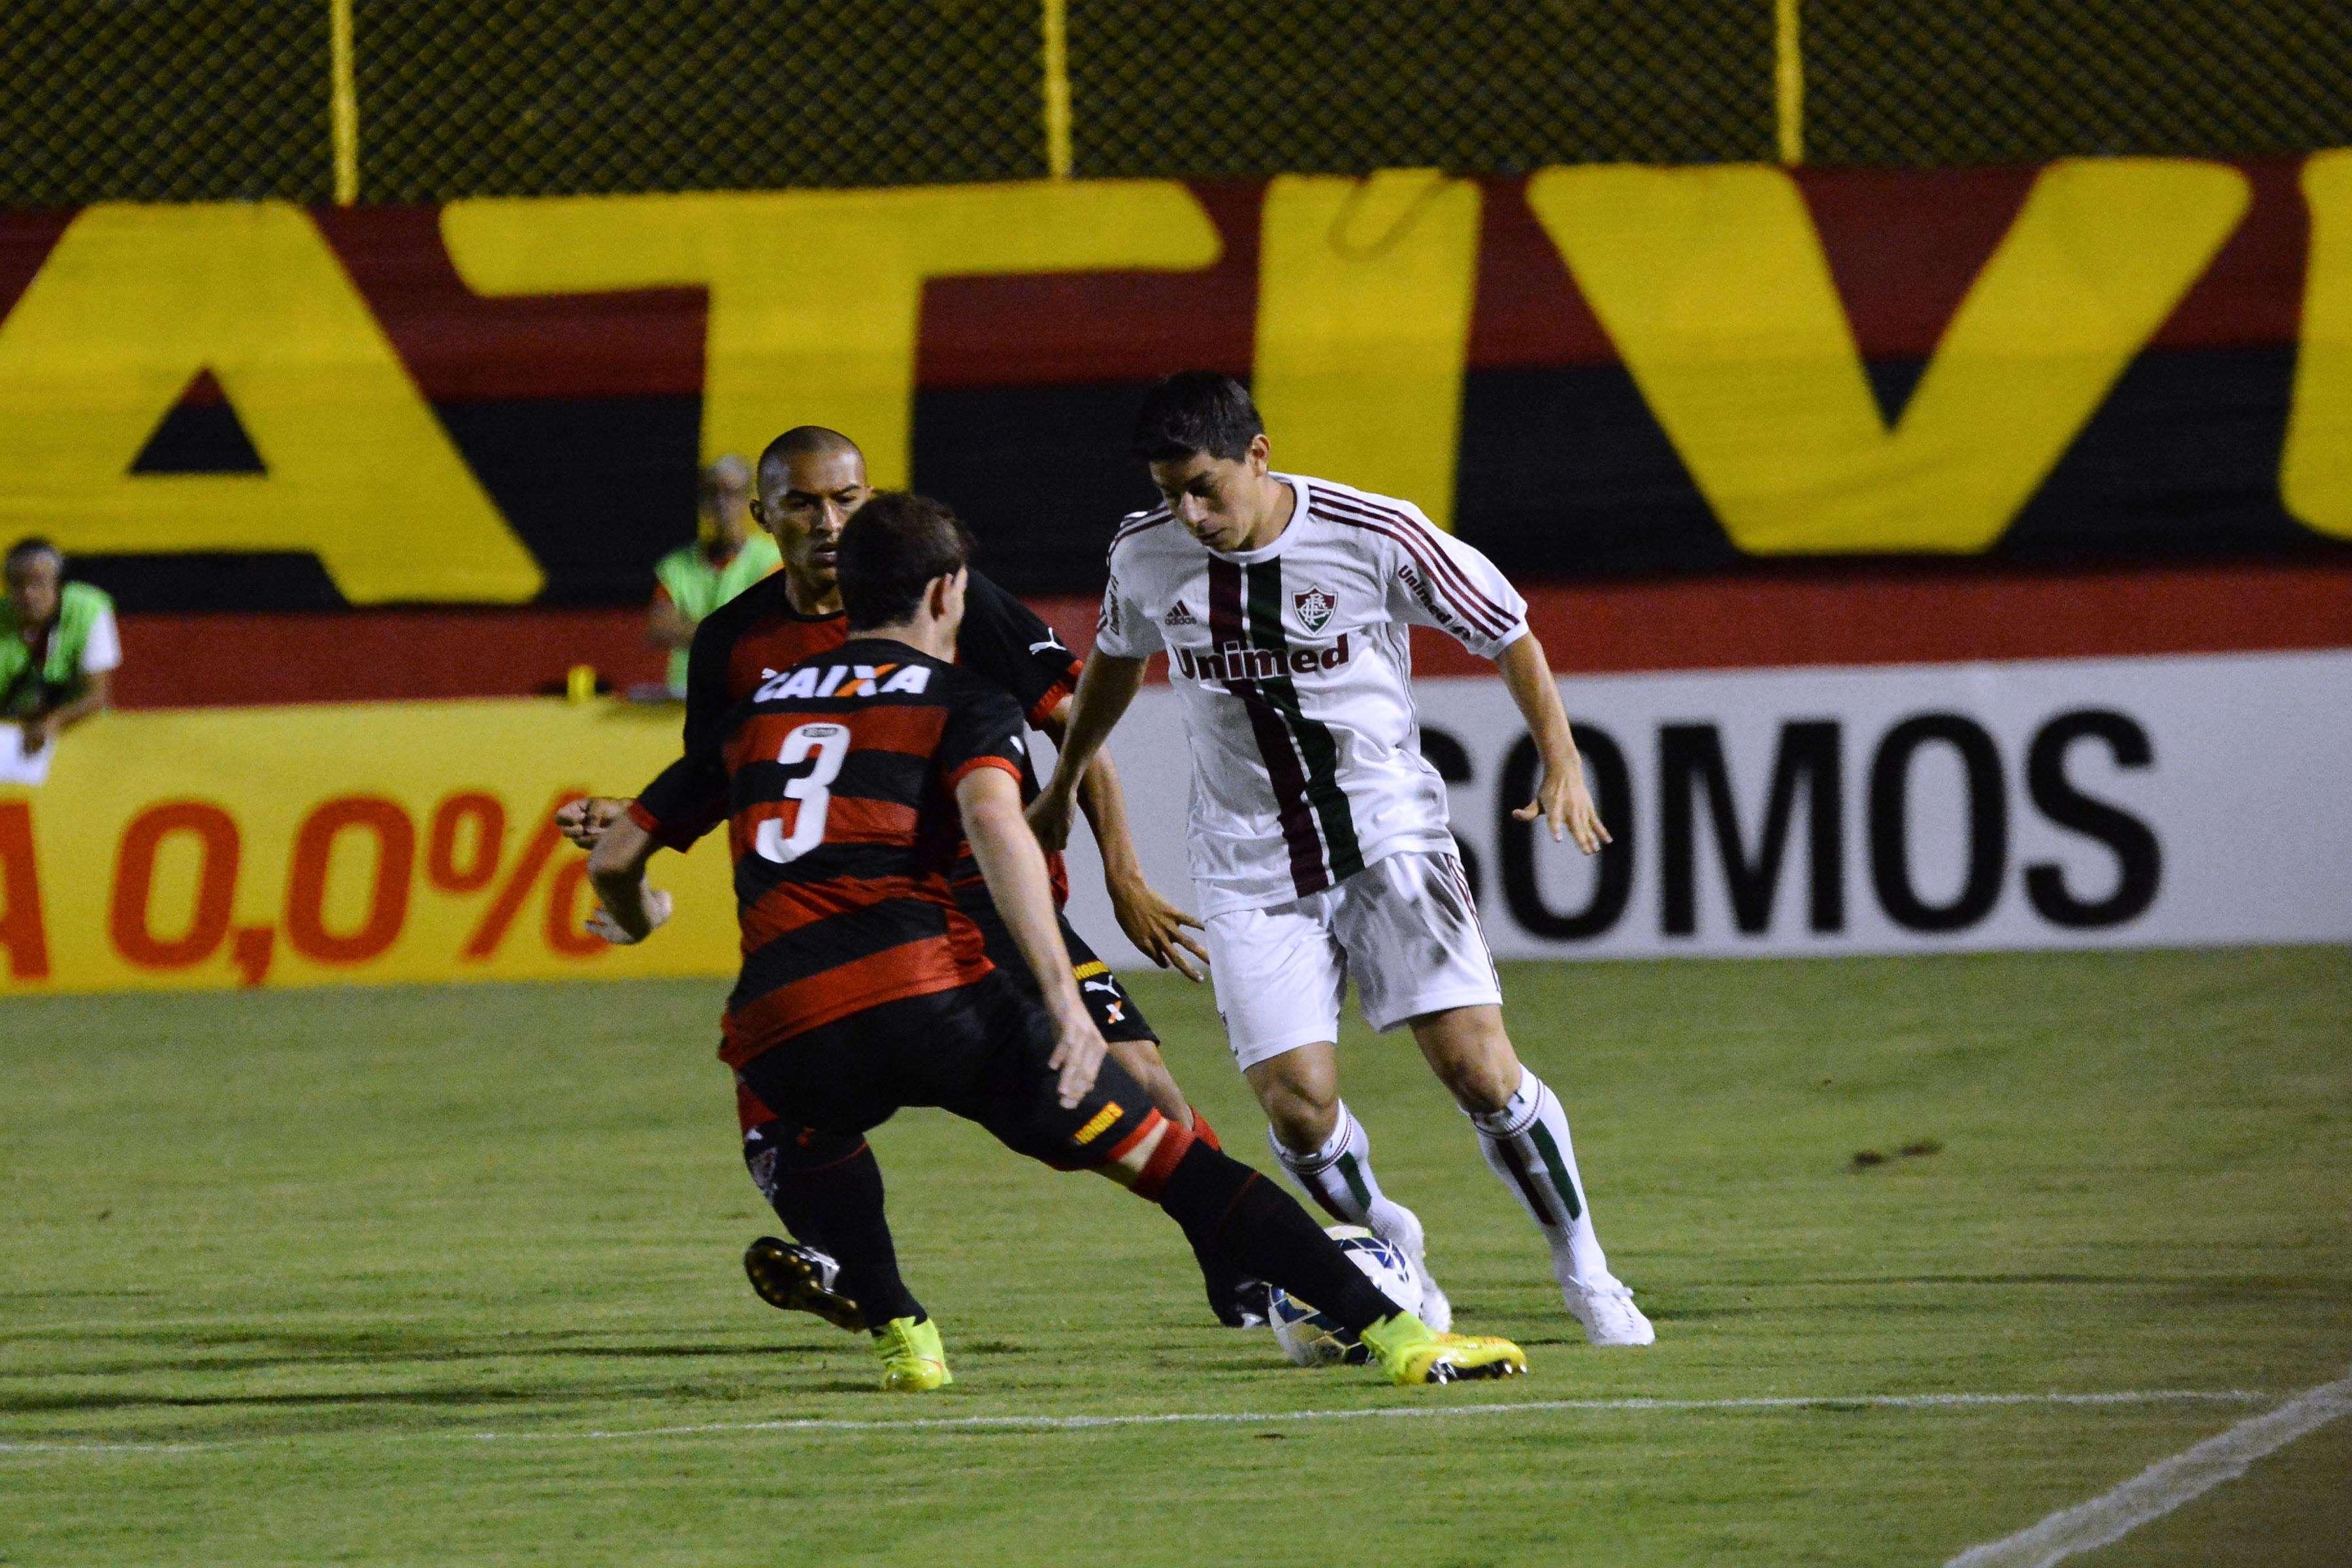 Conca tenta jogada pelo meio de campo Foto: Mauro Akin Nassor / Photocamera/Divulgação